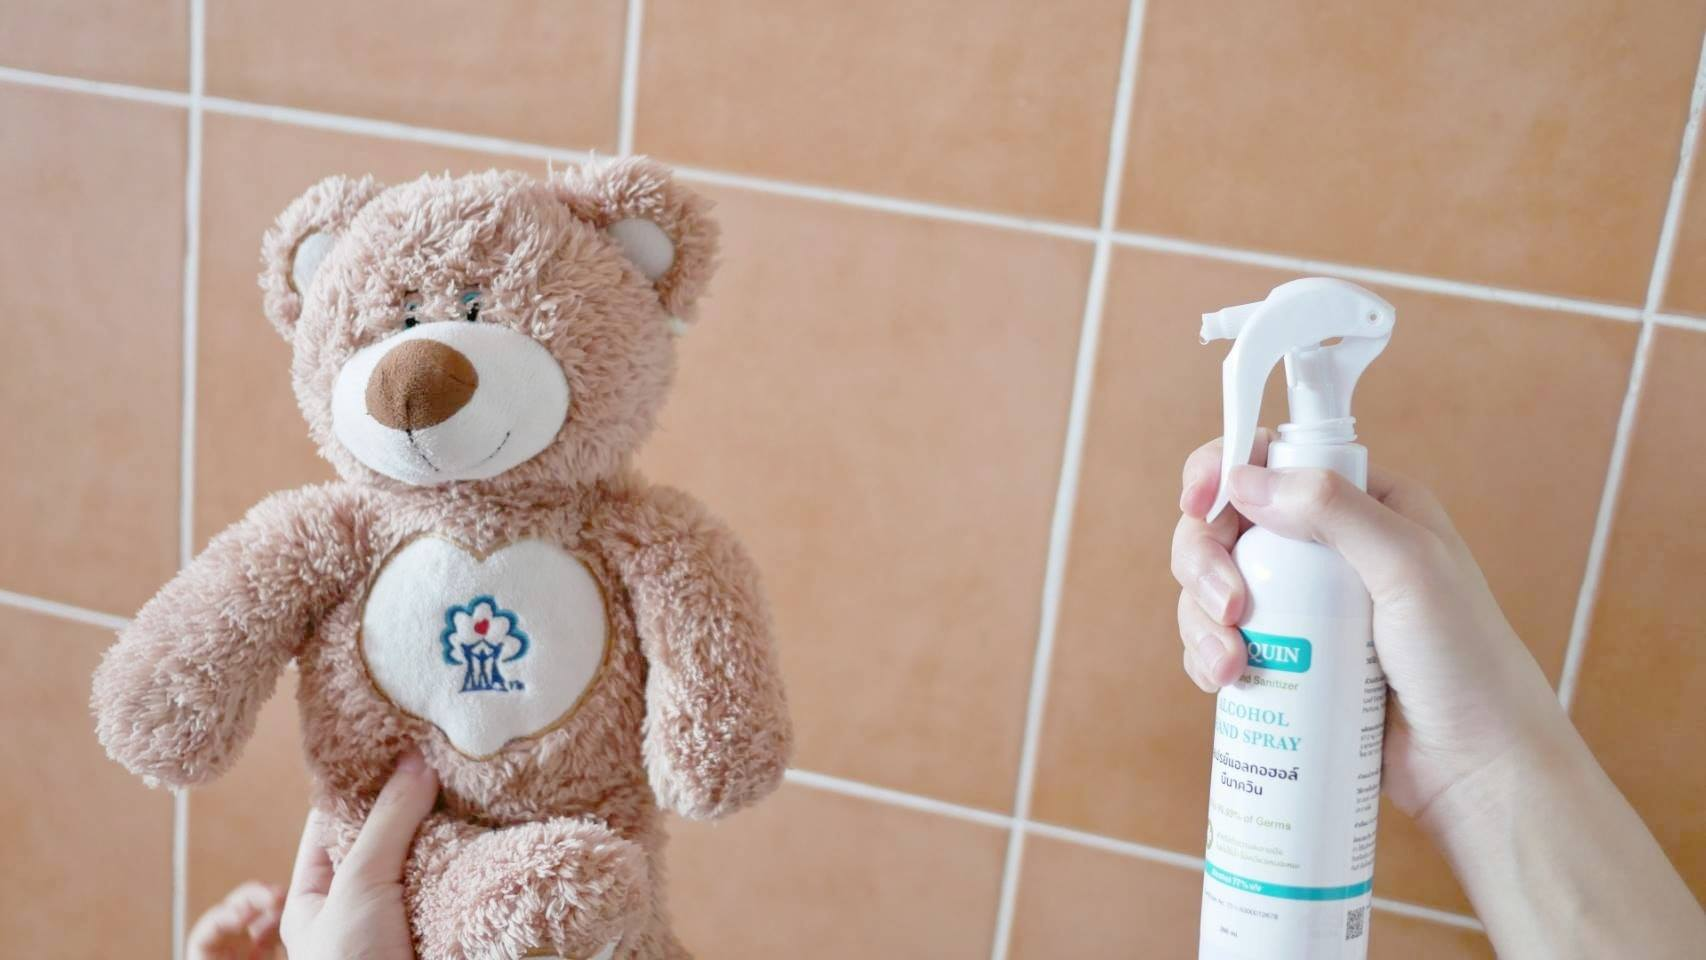 เจลล้างมือเด็ก, เจลล้างมือเด็ก, เจลล้างมือเด็กพกพา, เจลล้างมือปลอดภัยกับเด็ก, เจลล้างมือพกพา